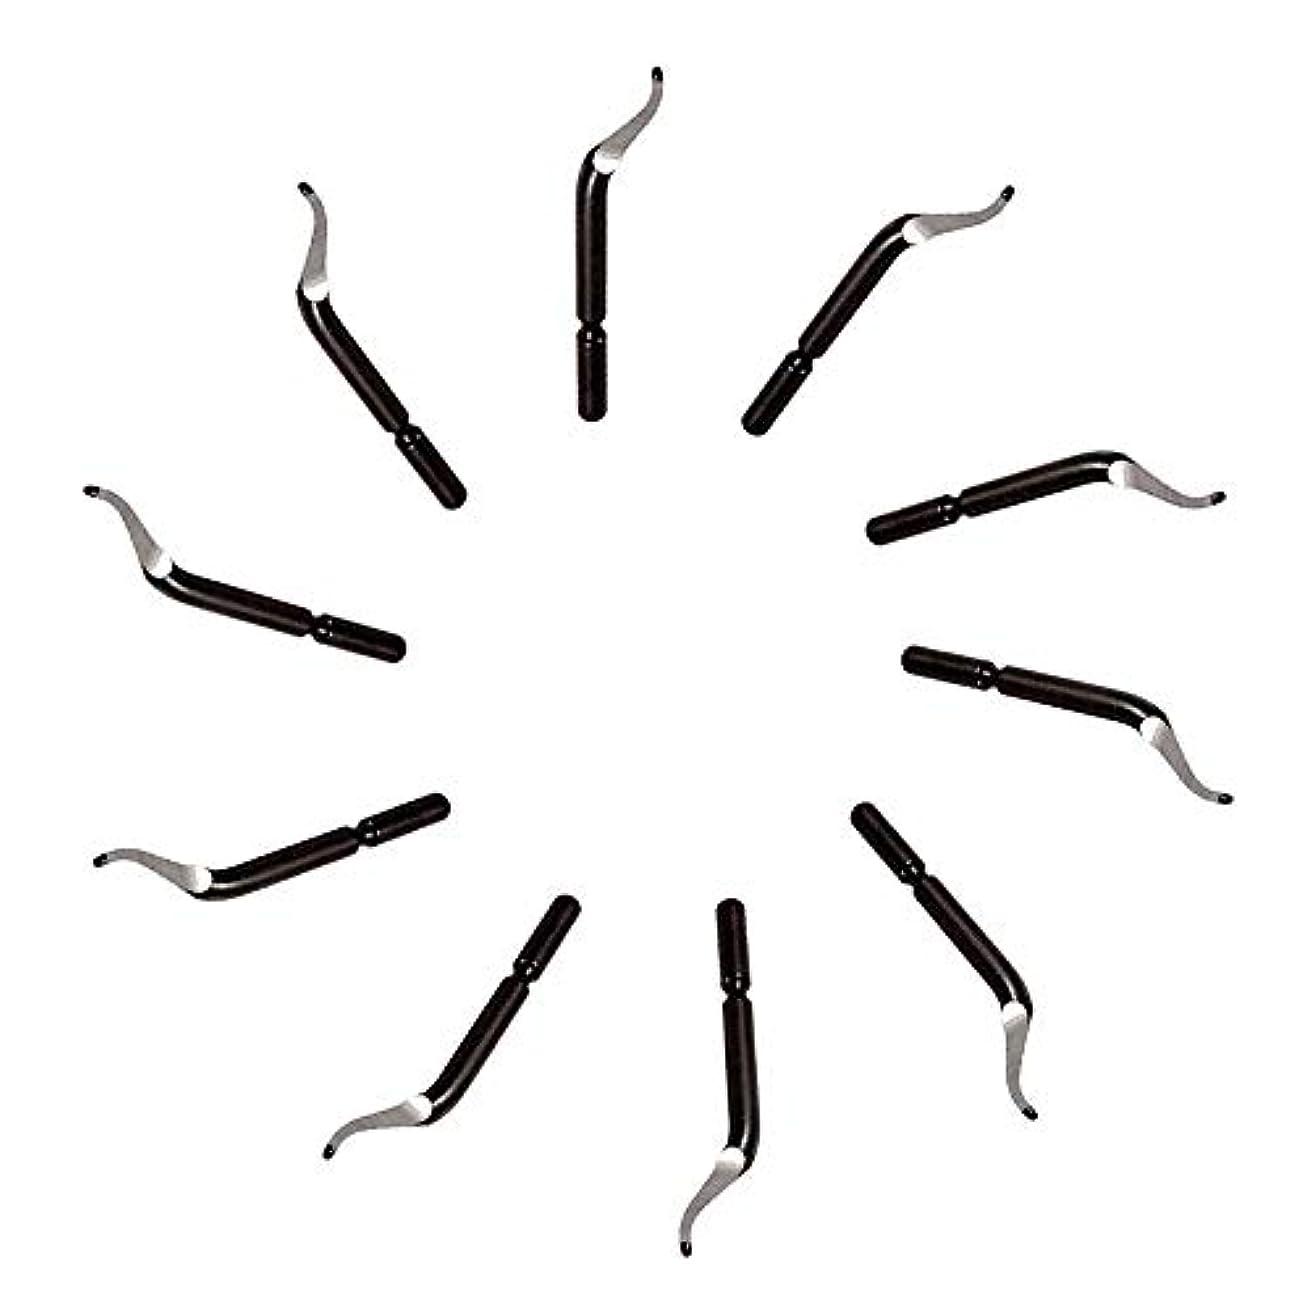 虫を数えるチキンに話す1st market プレミアム品質バリ取りブレード - 交換用バリ取り工具BK3010 S150バリ取りブレード10個